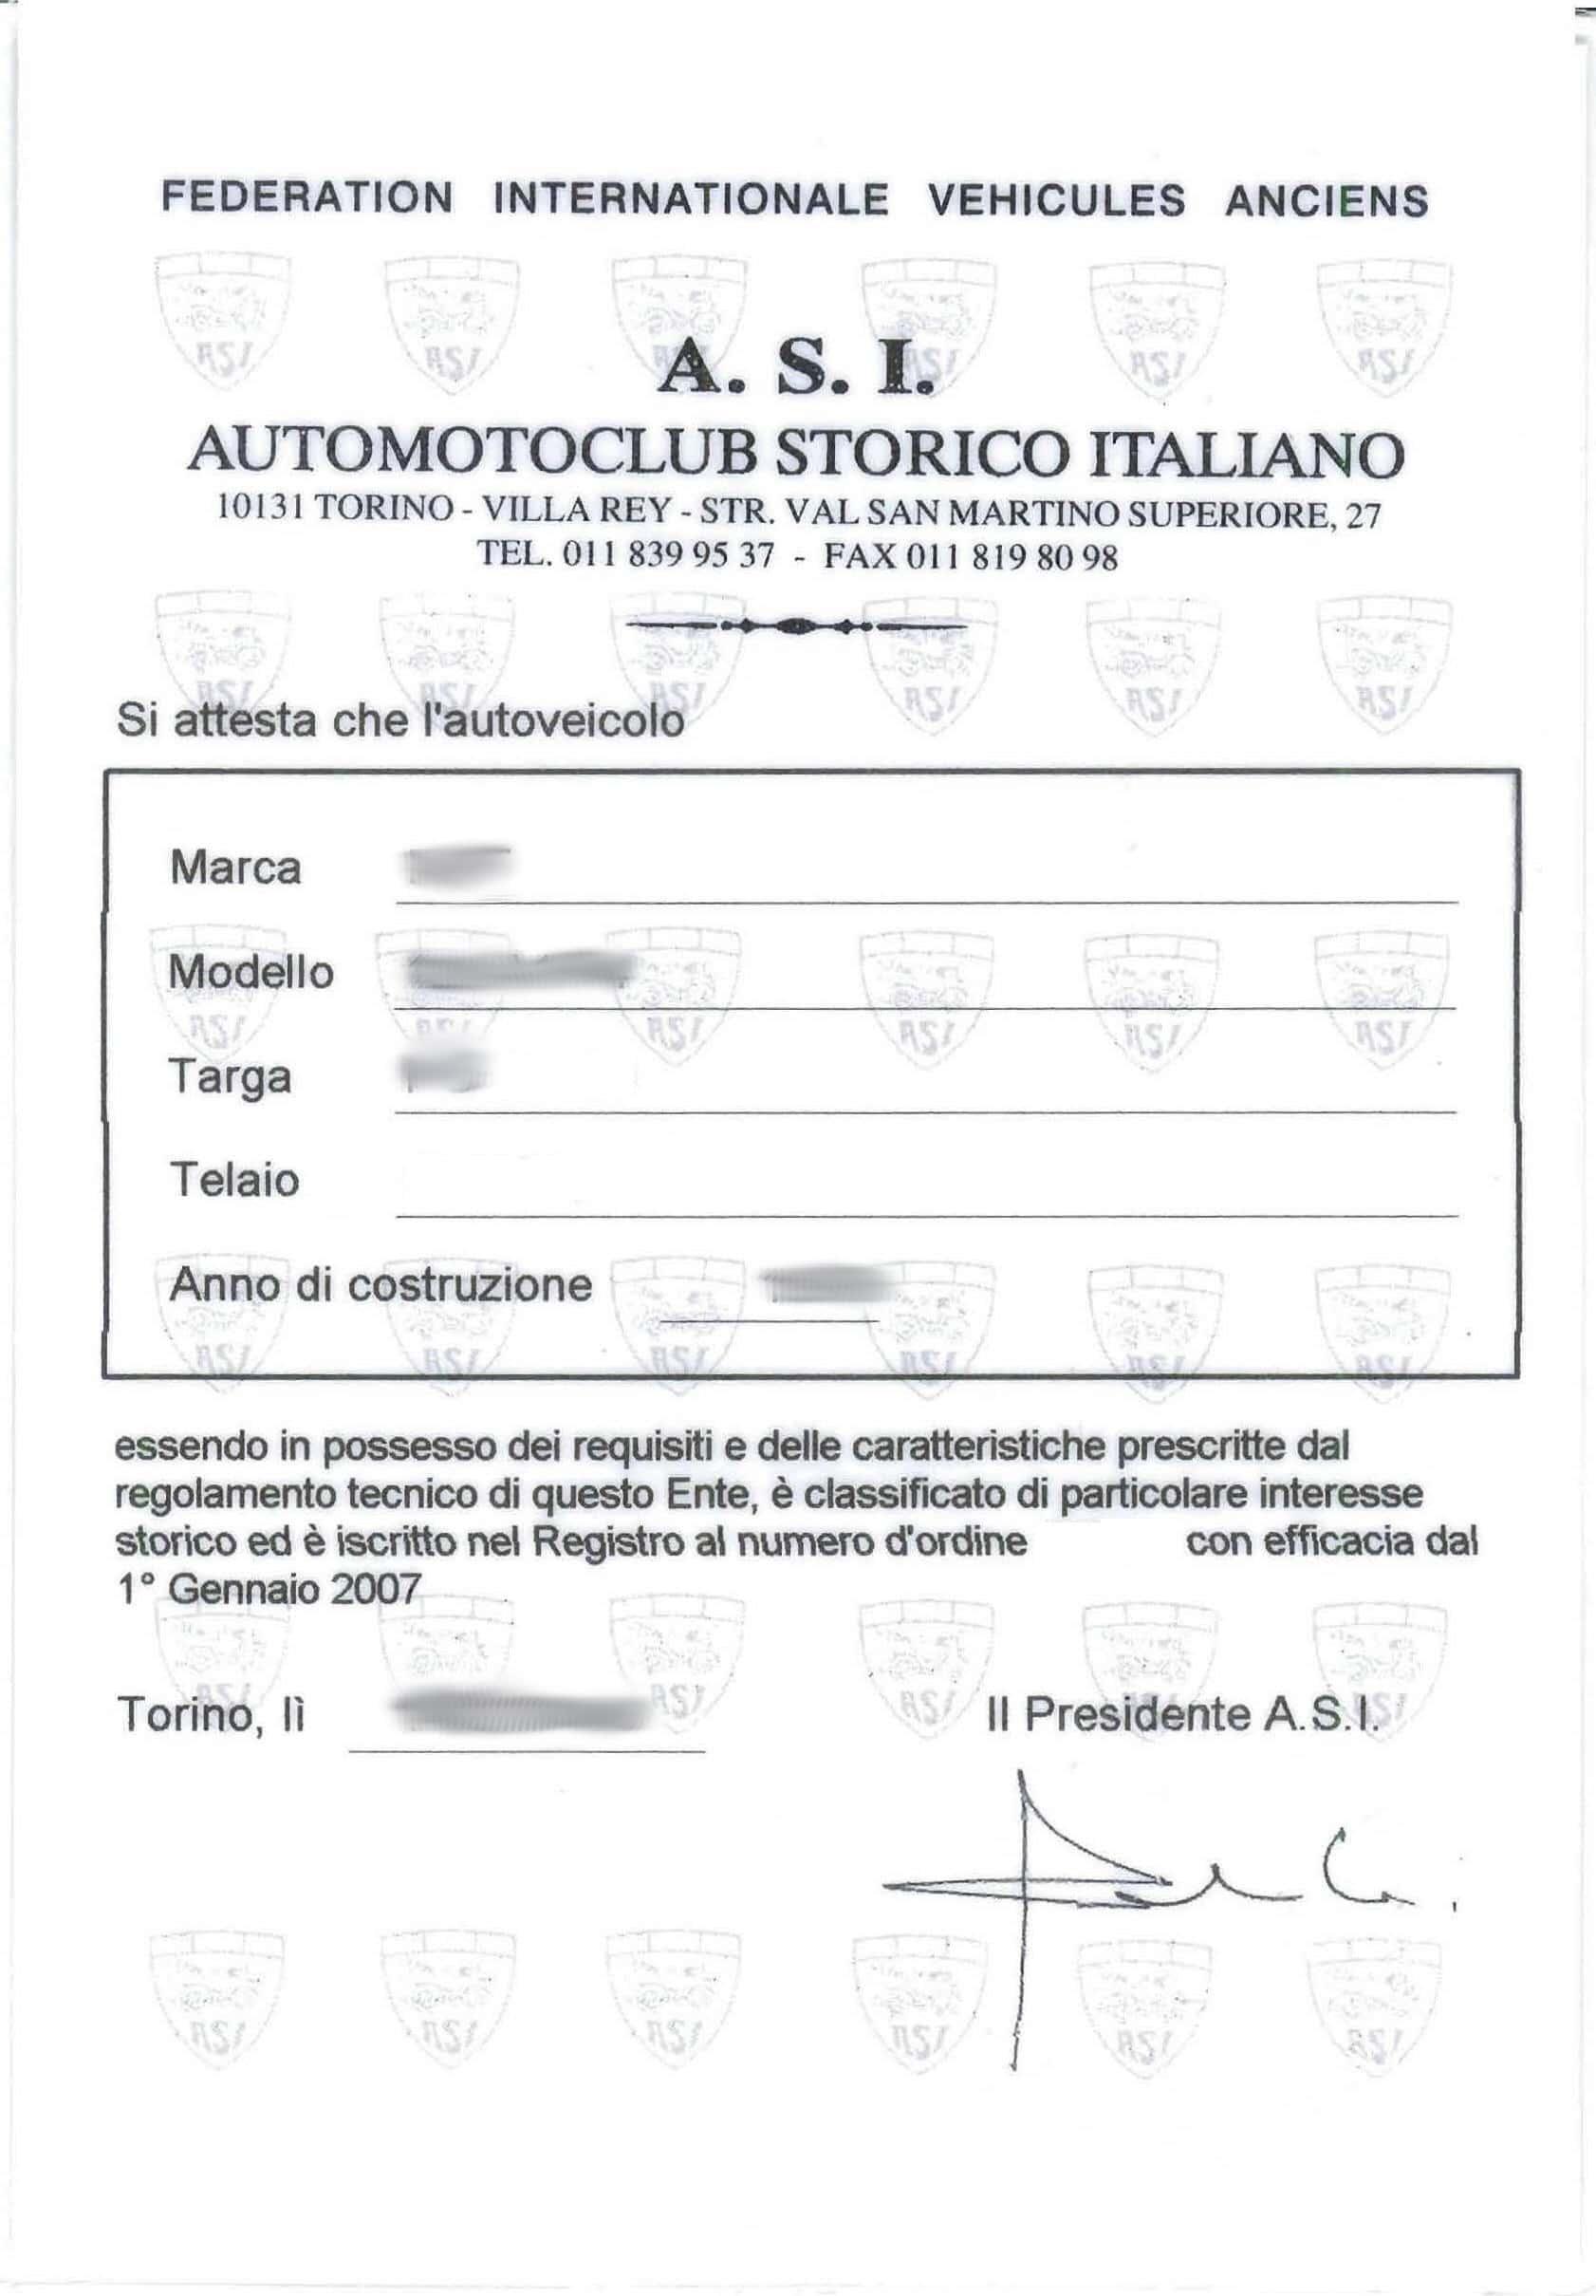 certificati rilevanza storica fiat 500